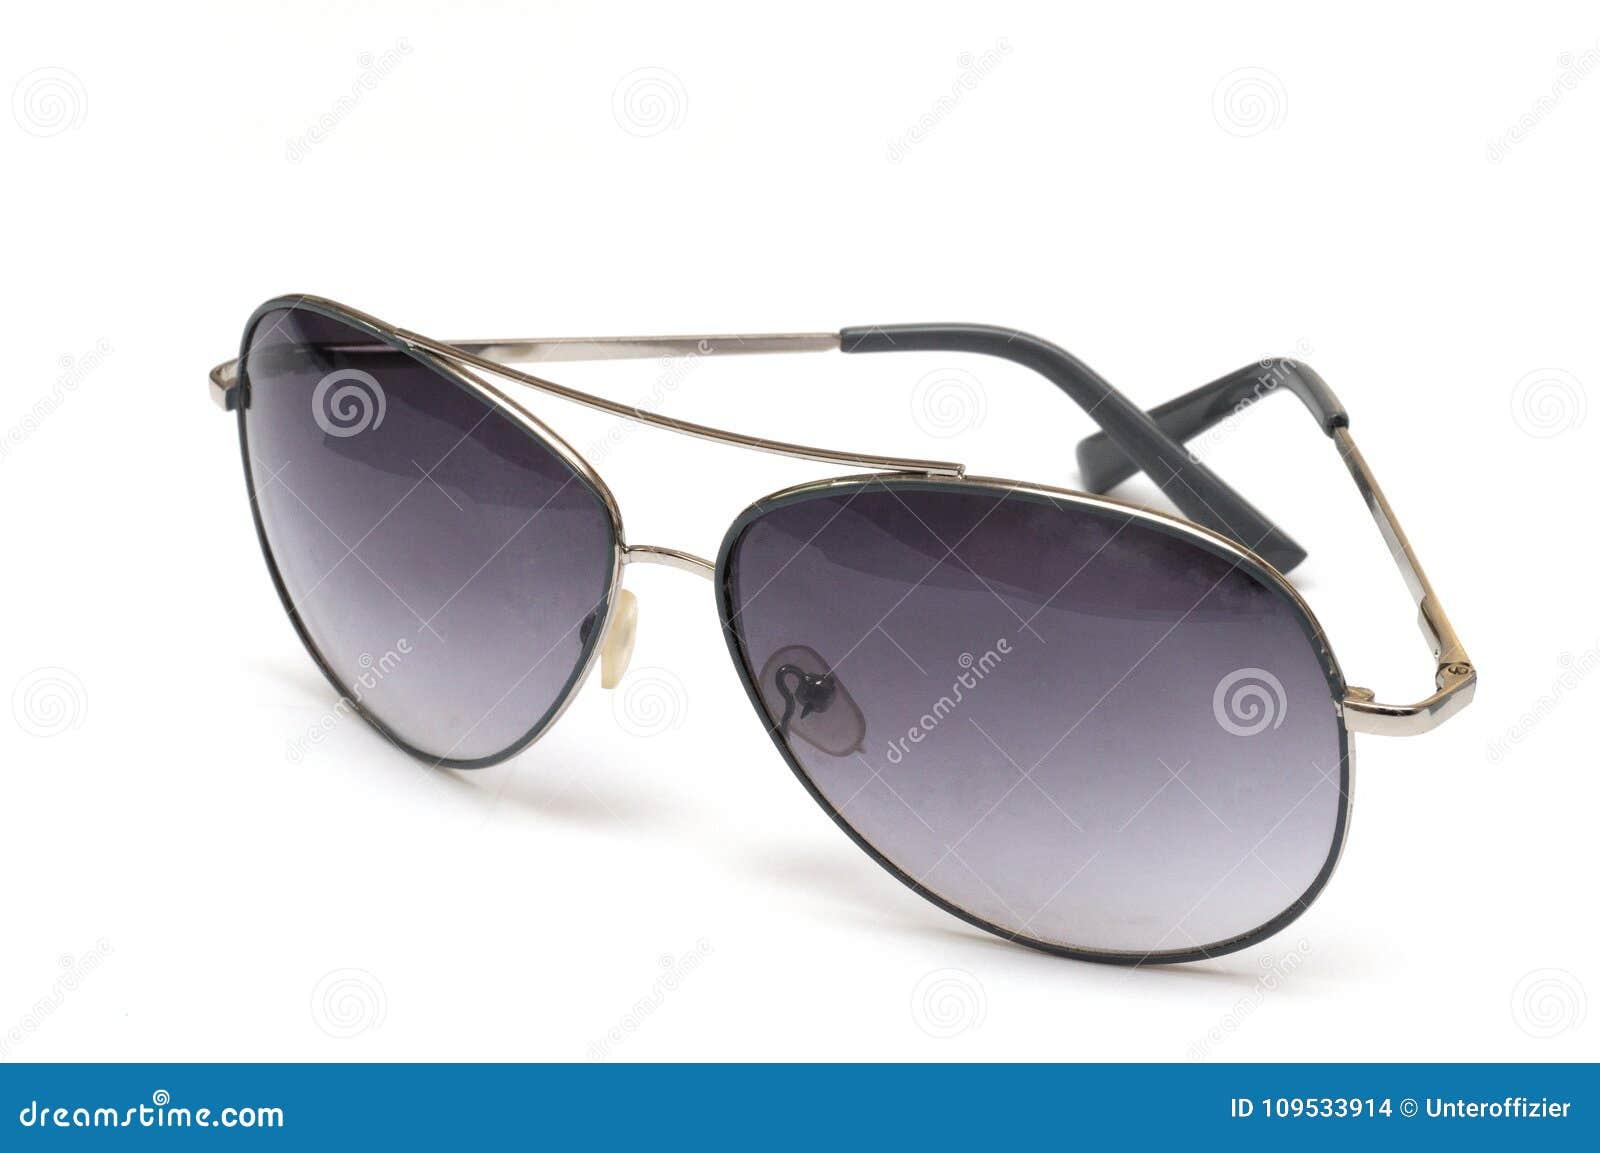 Пара солнечных очков авиатора против белого фона